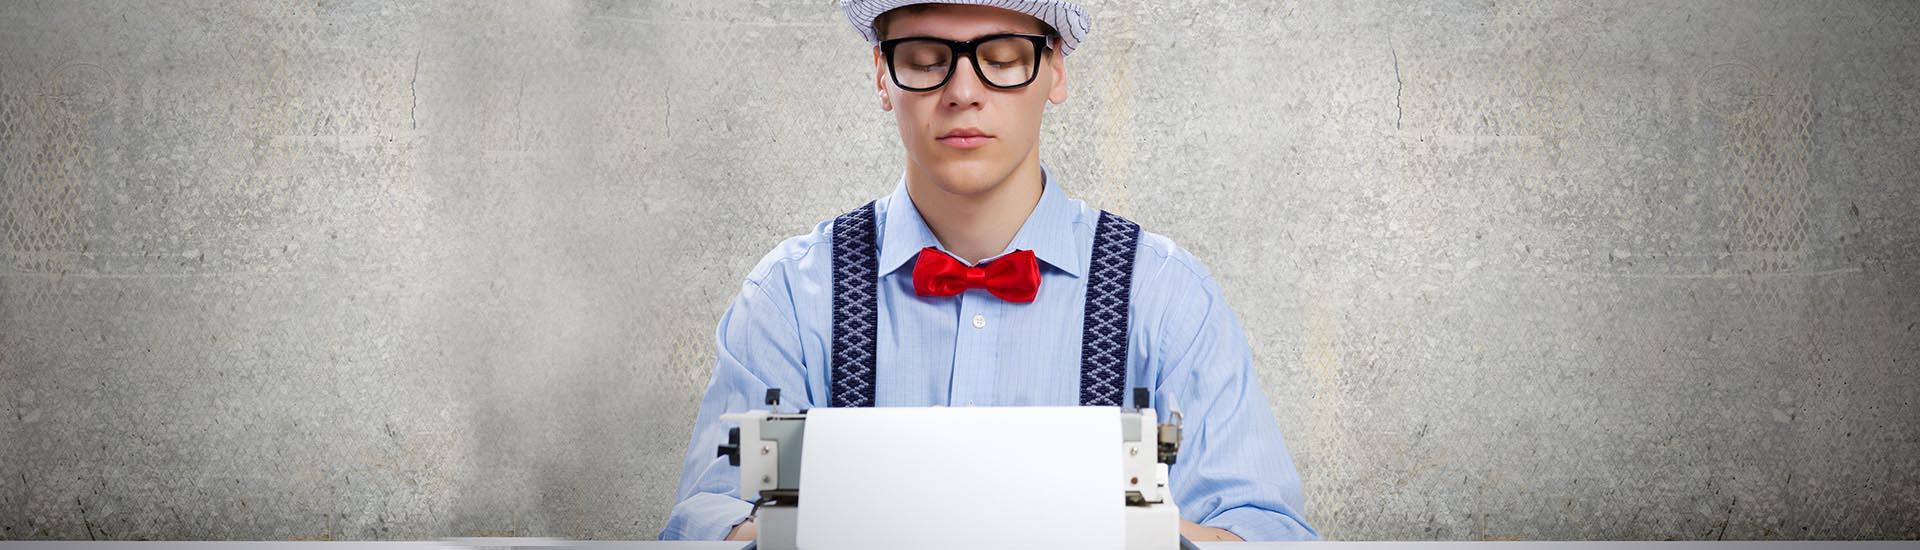 Idee e Soluzioni Agenzia Marketing e Soluzioni sviluppa campagne Direct Mailing